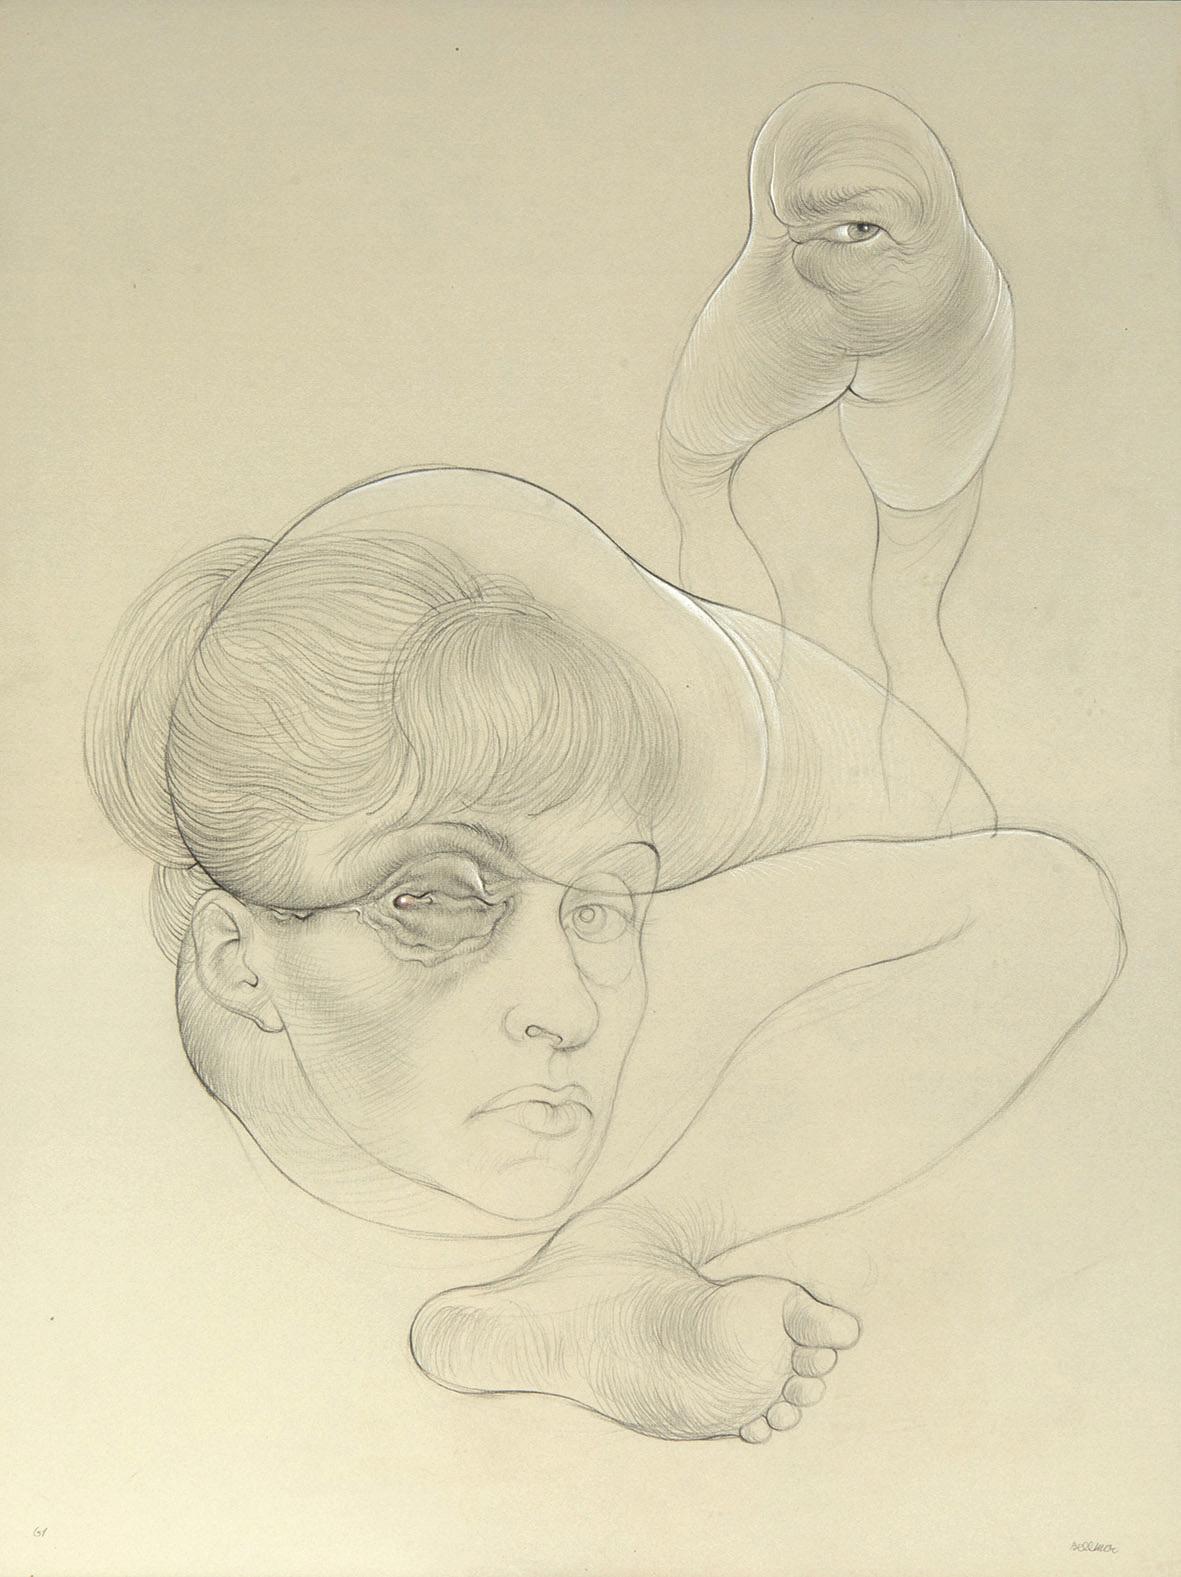 Comme Brauner, Hans Bellmer(1902-1975) est l'un des poulains défendus par la galerie André-François Petit. Ce dessin au crayon rehaussé d